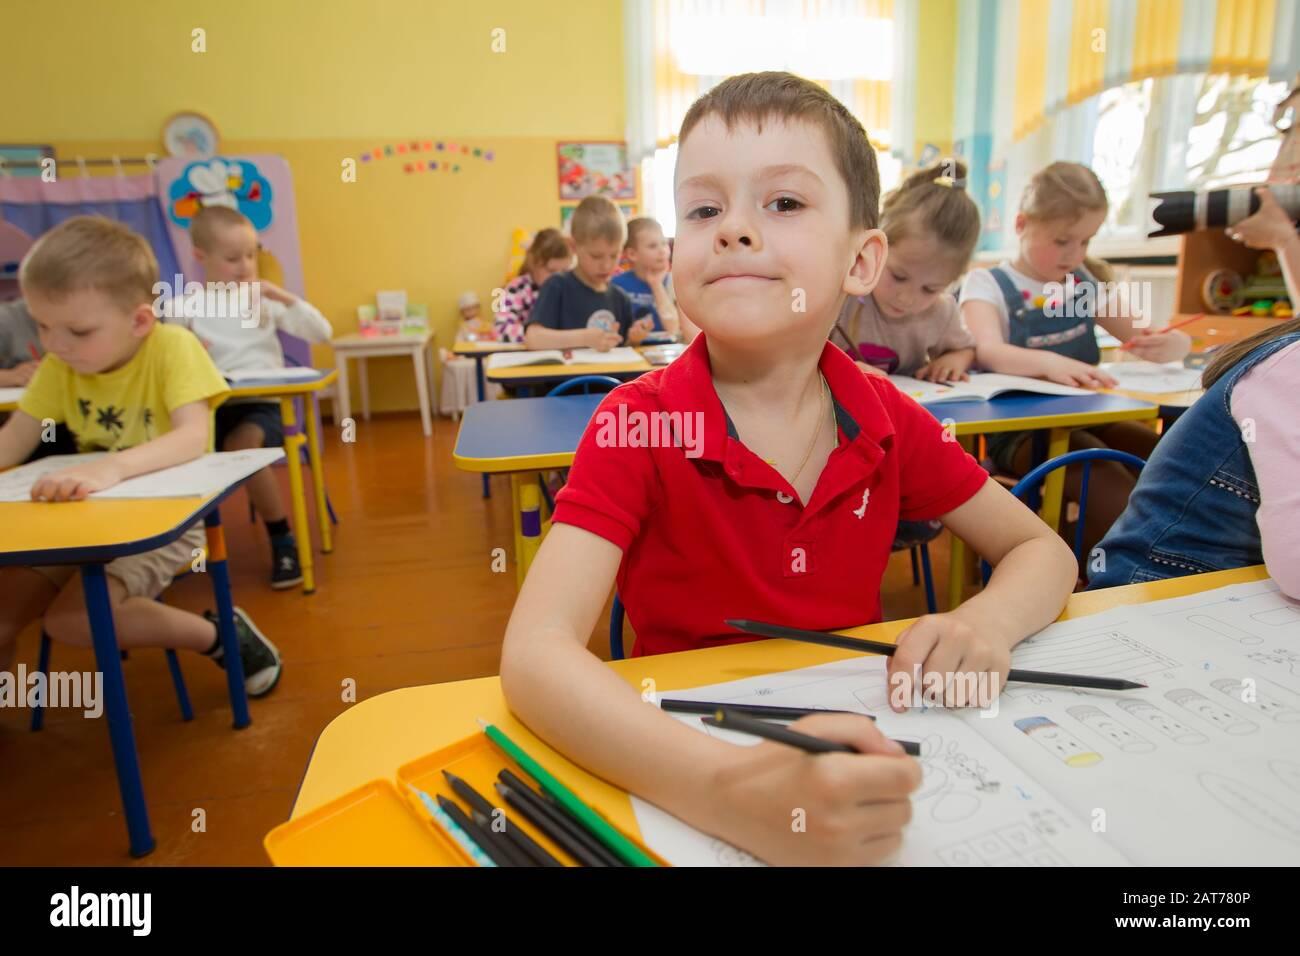 Biélorussie, la ville de Gomel, 25 avril 2019. Ouvert la journée à la maternelle.Boy attire dans la salle de classe. Banque D'Images